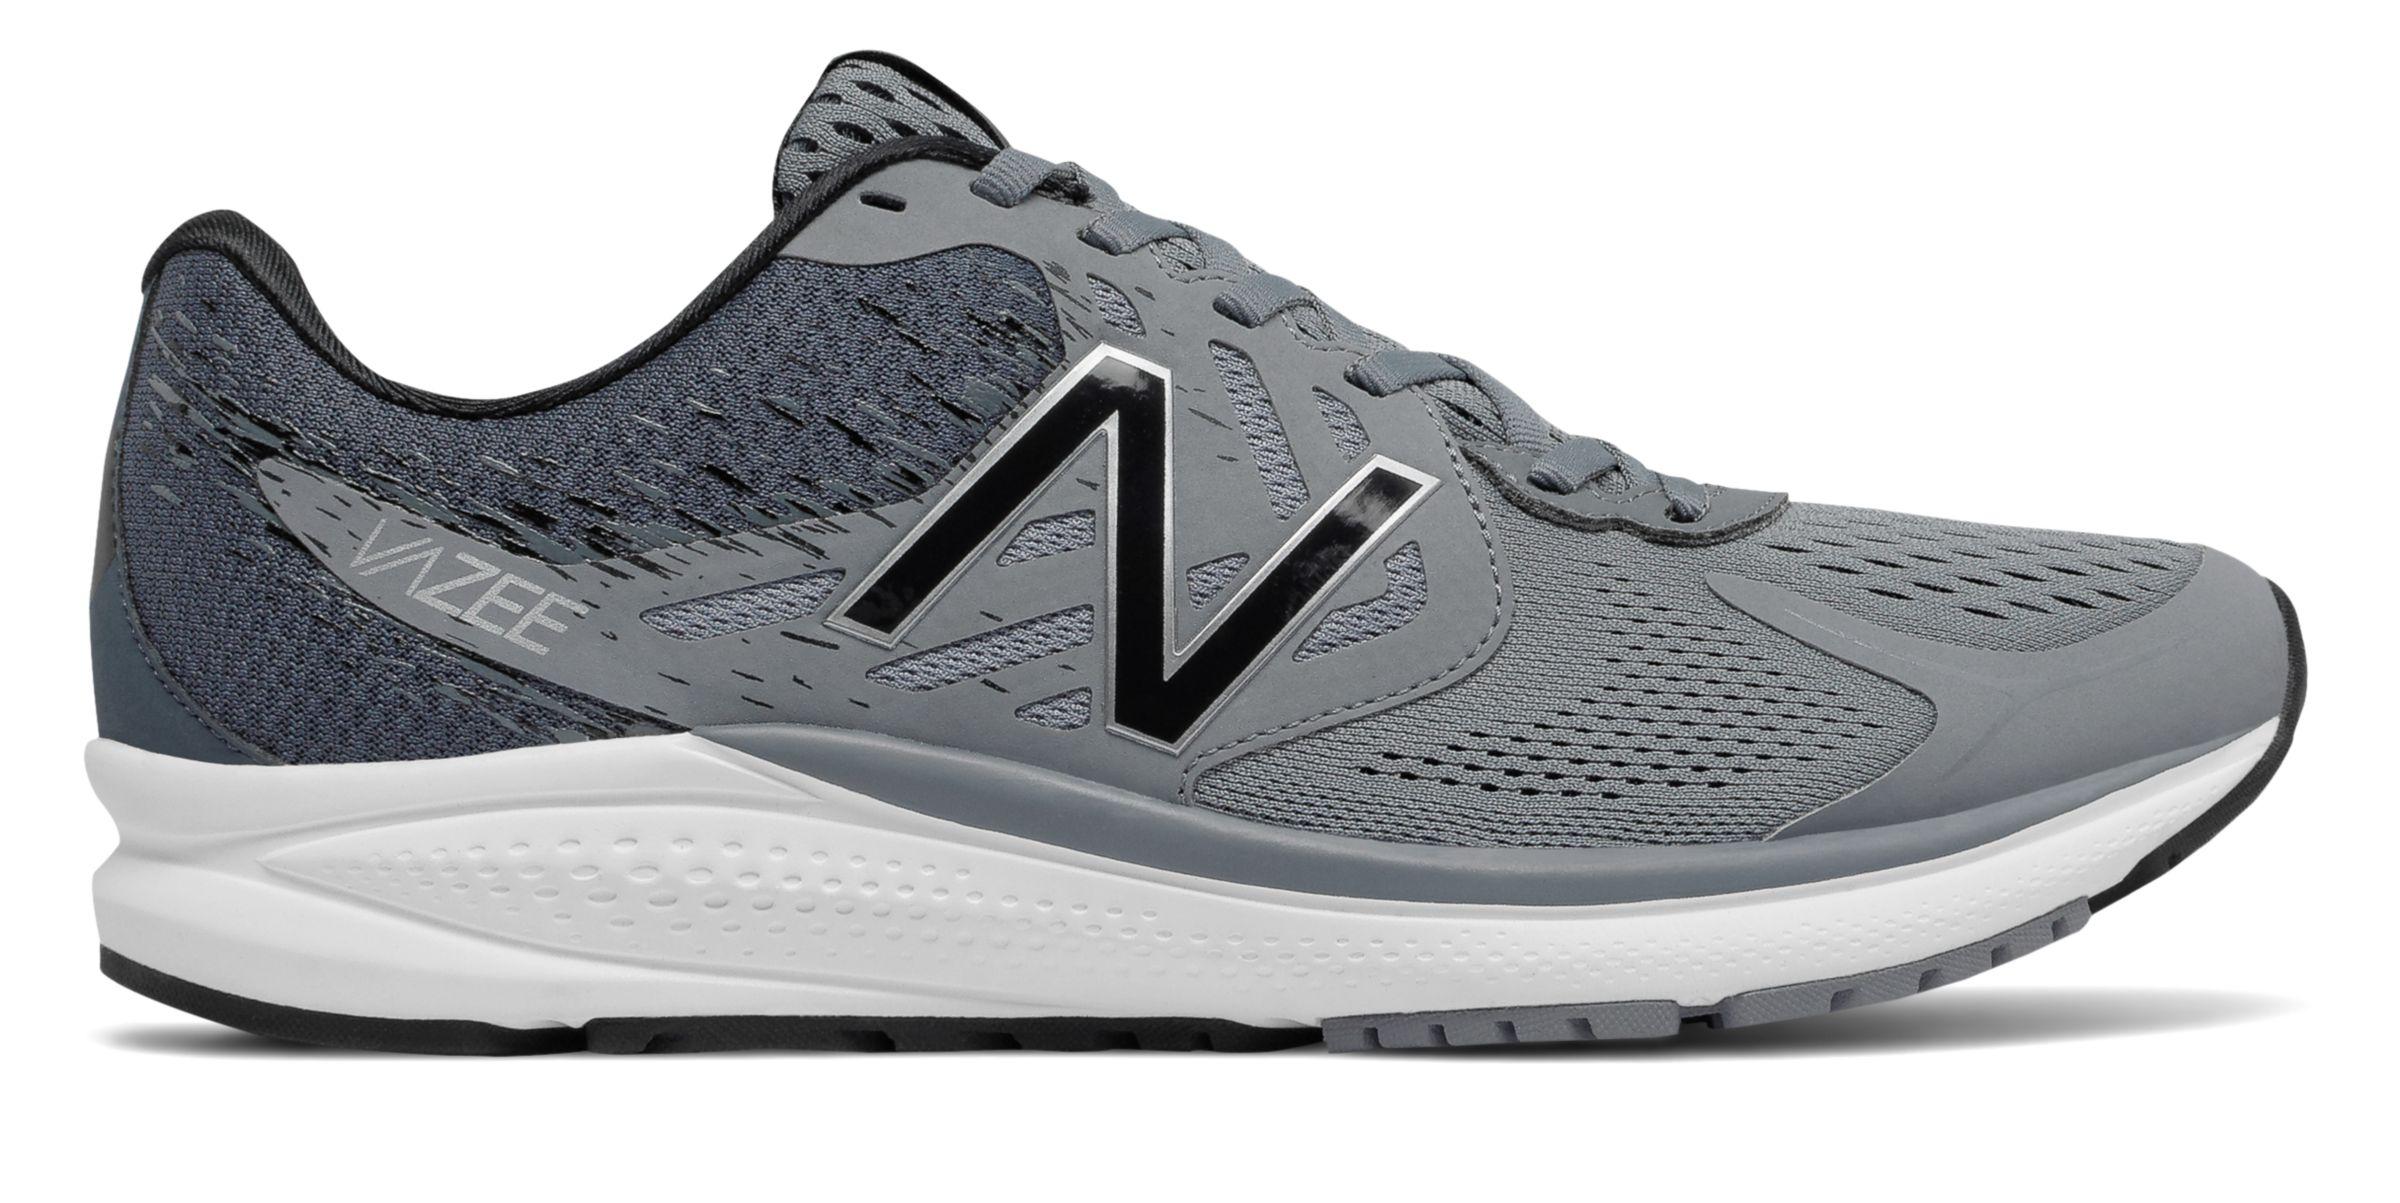 Nike Zapatillas De Correr Para Los Pies Planos 2017 De Impuestos Federales